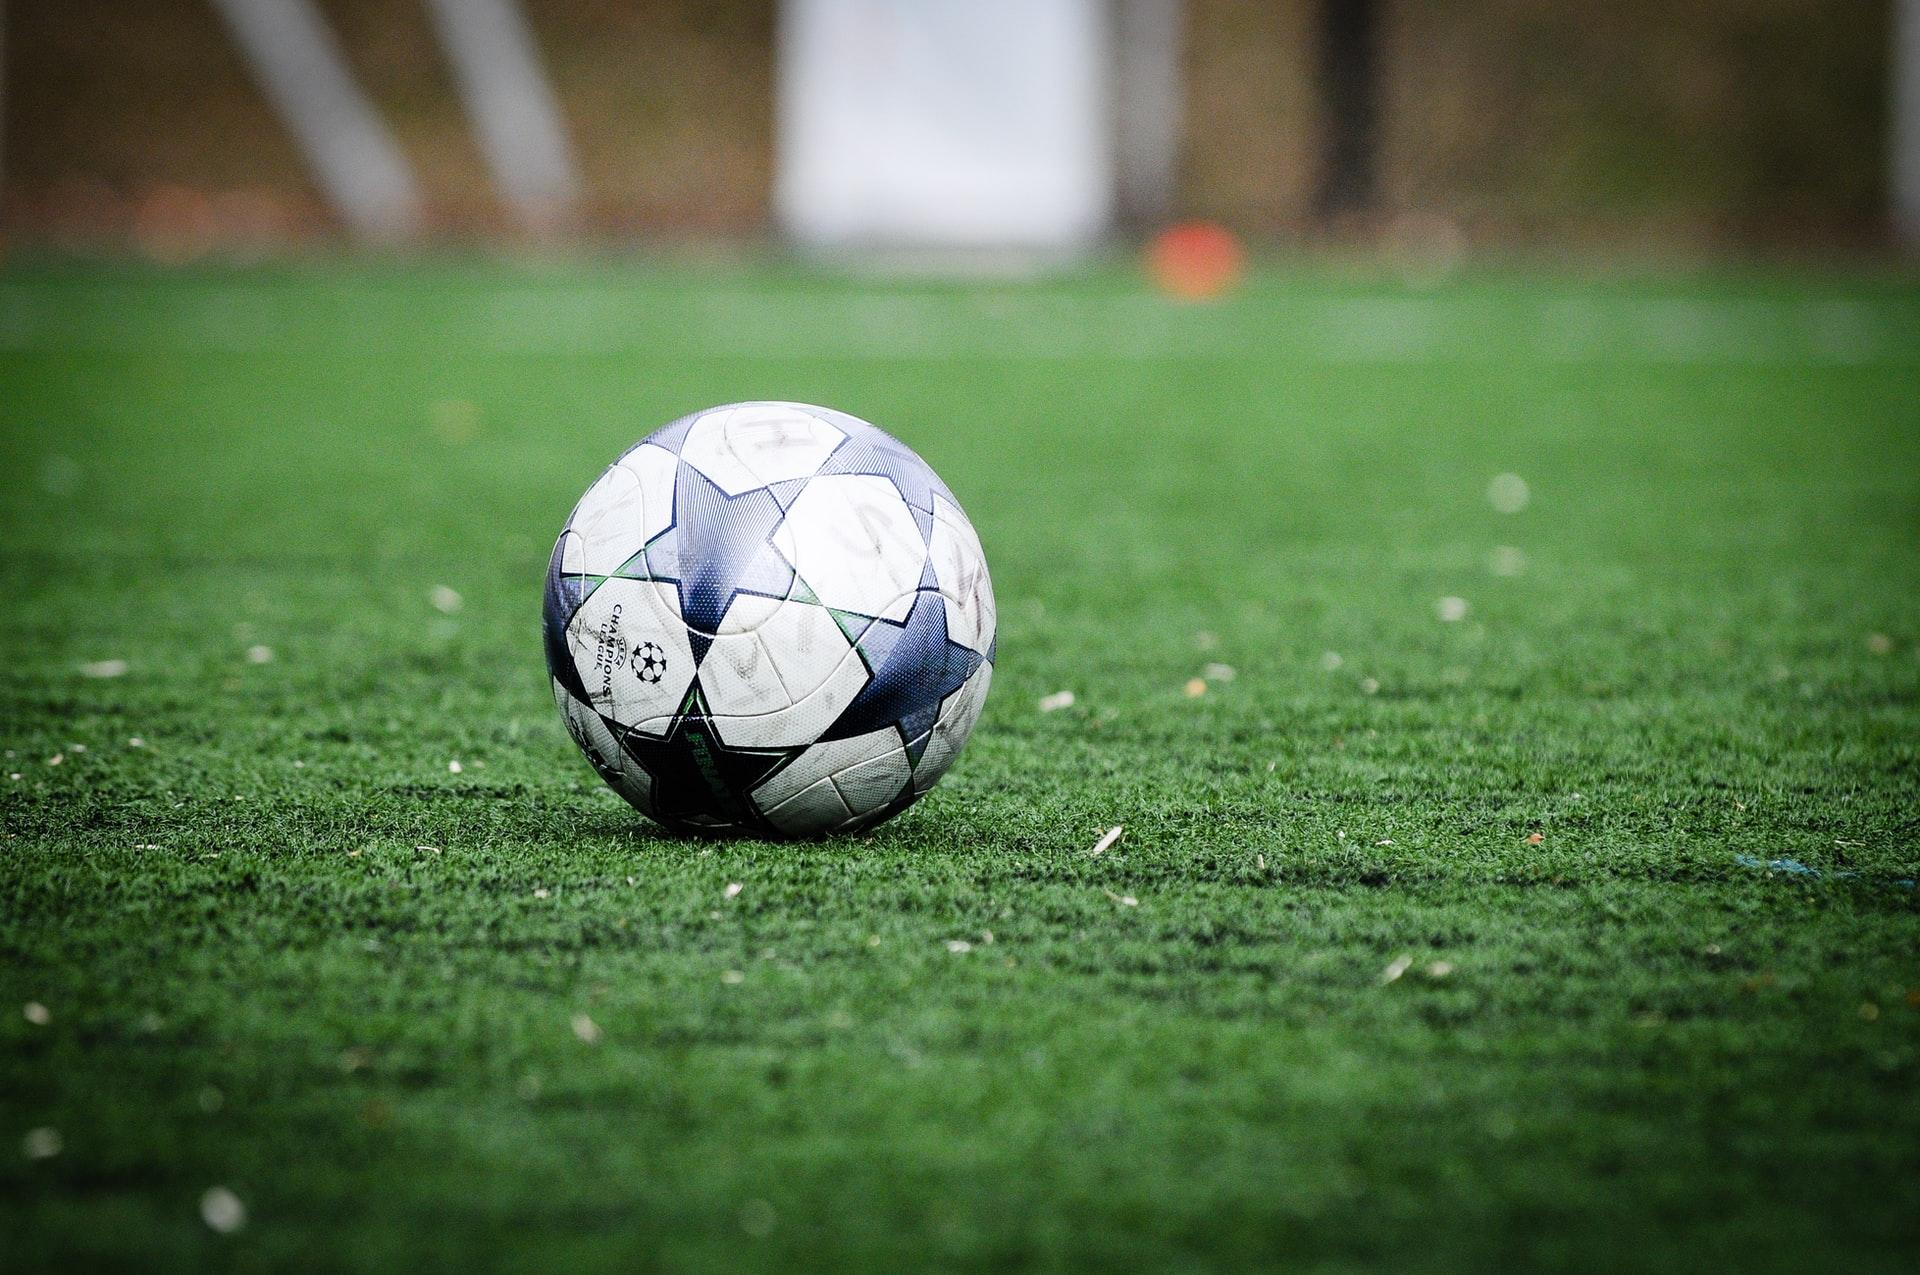 Deplasman golü kuralı kalktı mı, kaldırıldı mı 2021? Deplasman golü kuralı nedir?